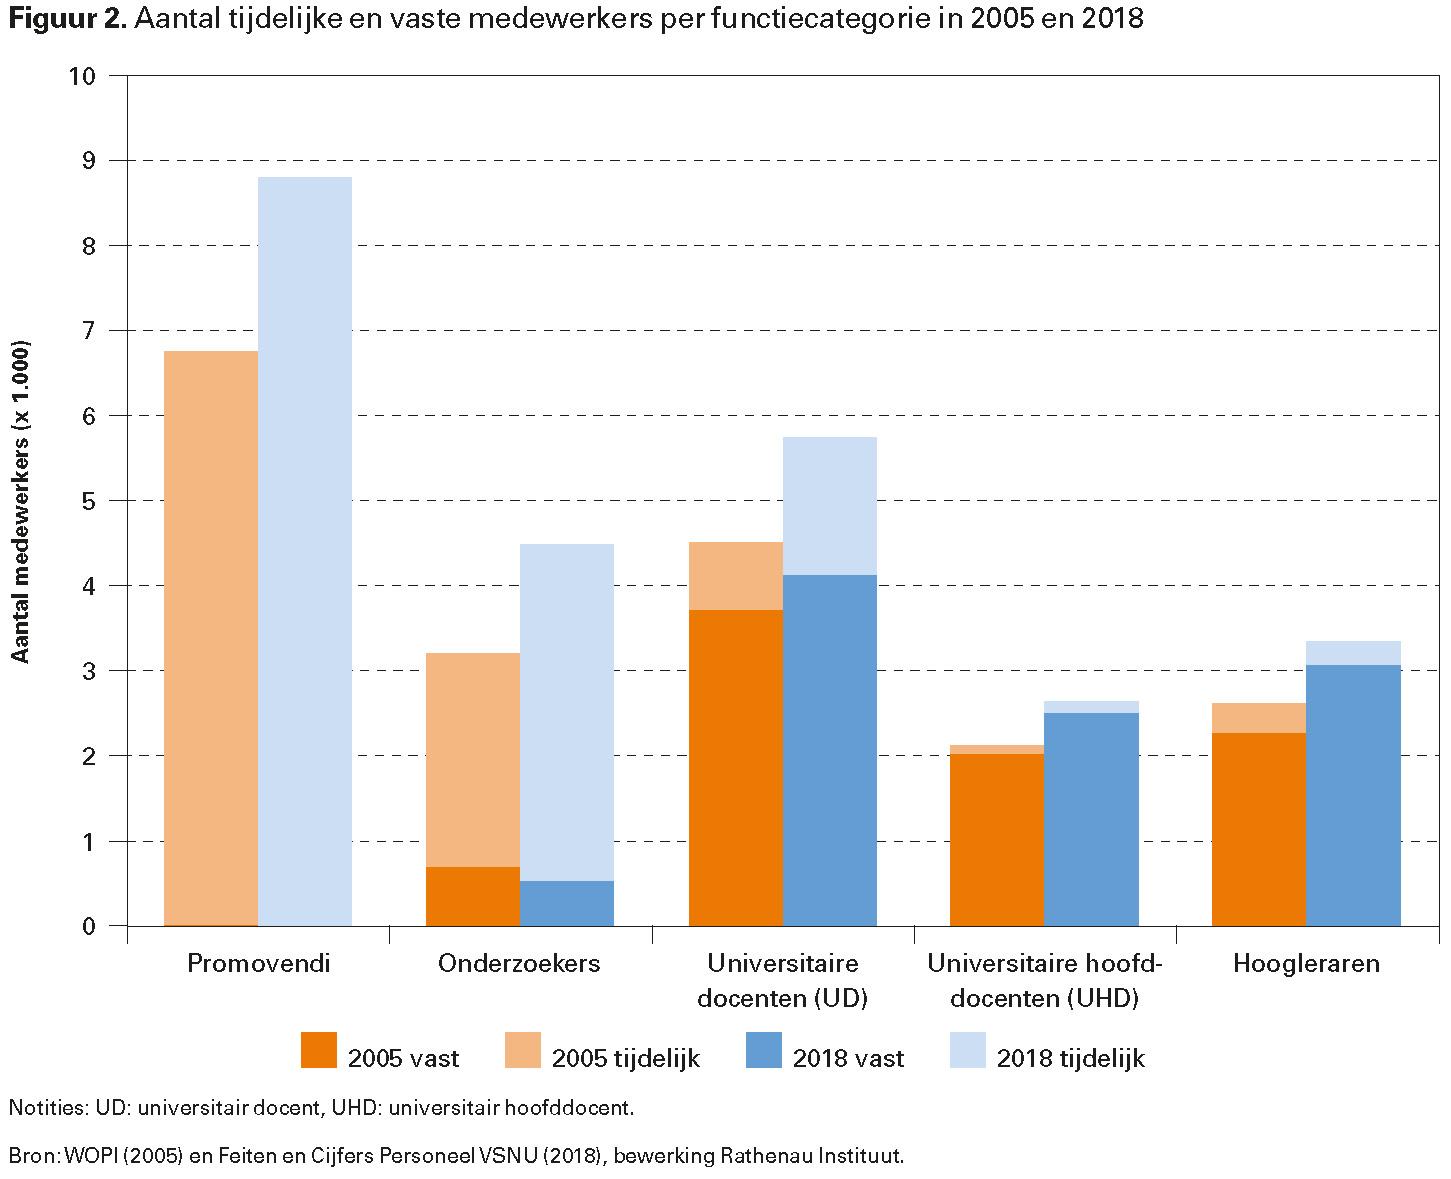 Figuur 2. Aantal tijdelijke en vaste medewerkers per functiecategorie in 2005 en 2018